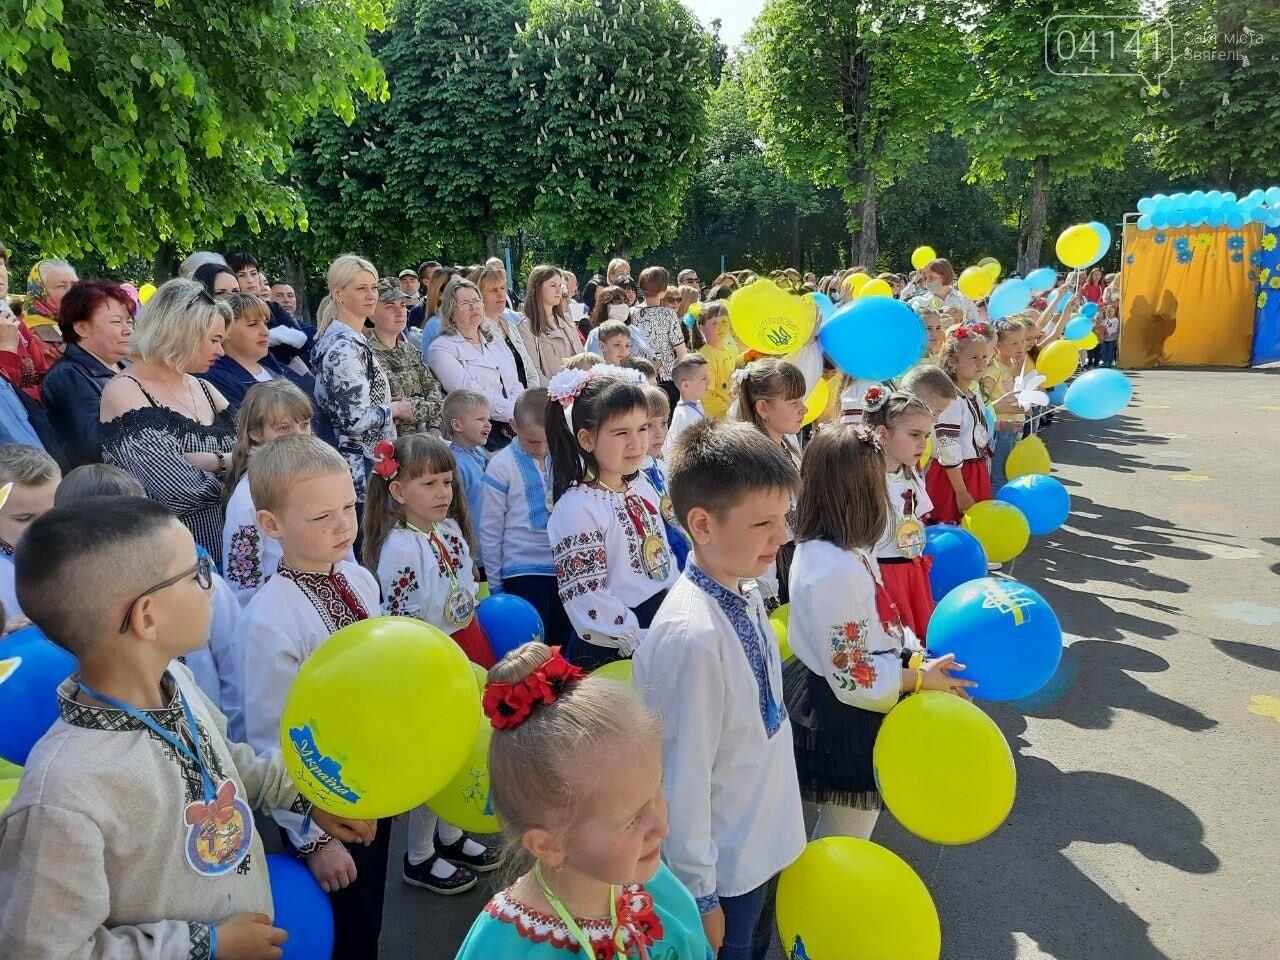 """""""Україна в нас одна"""": Останній дзвоник пролунав у школі №2  Новограда-Волинського, фото-12"""